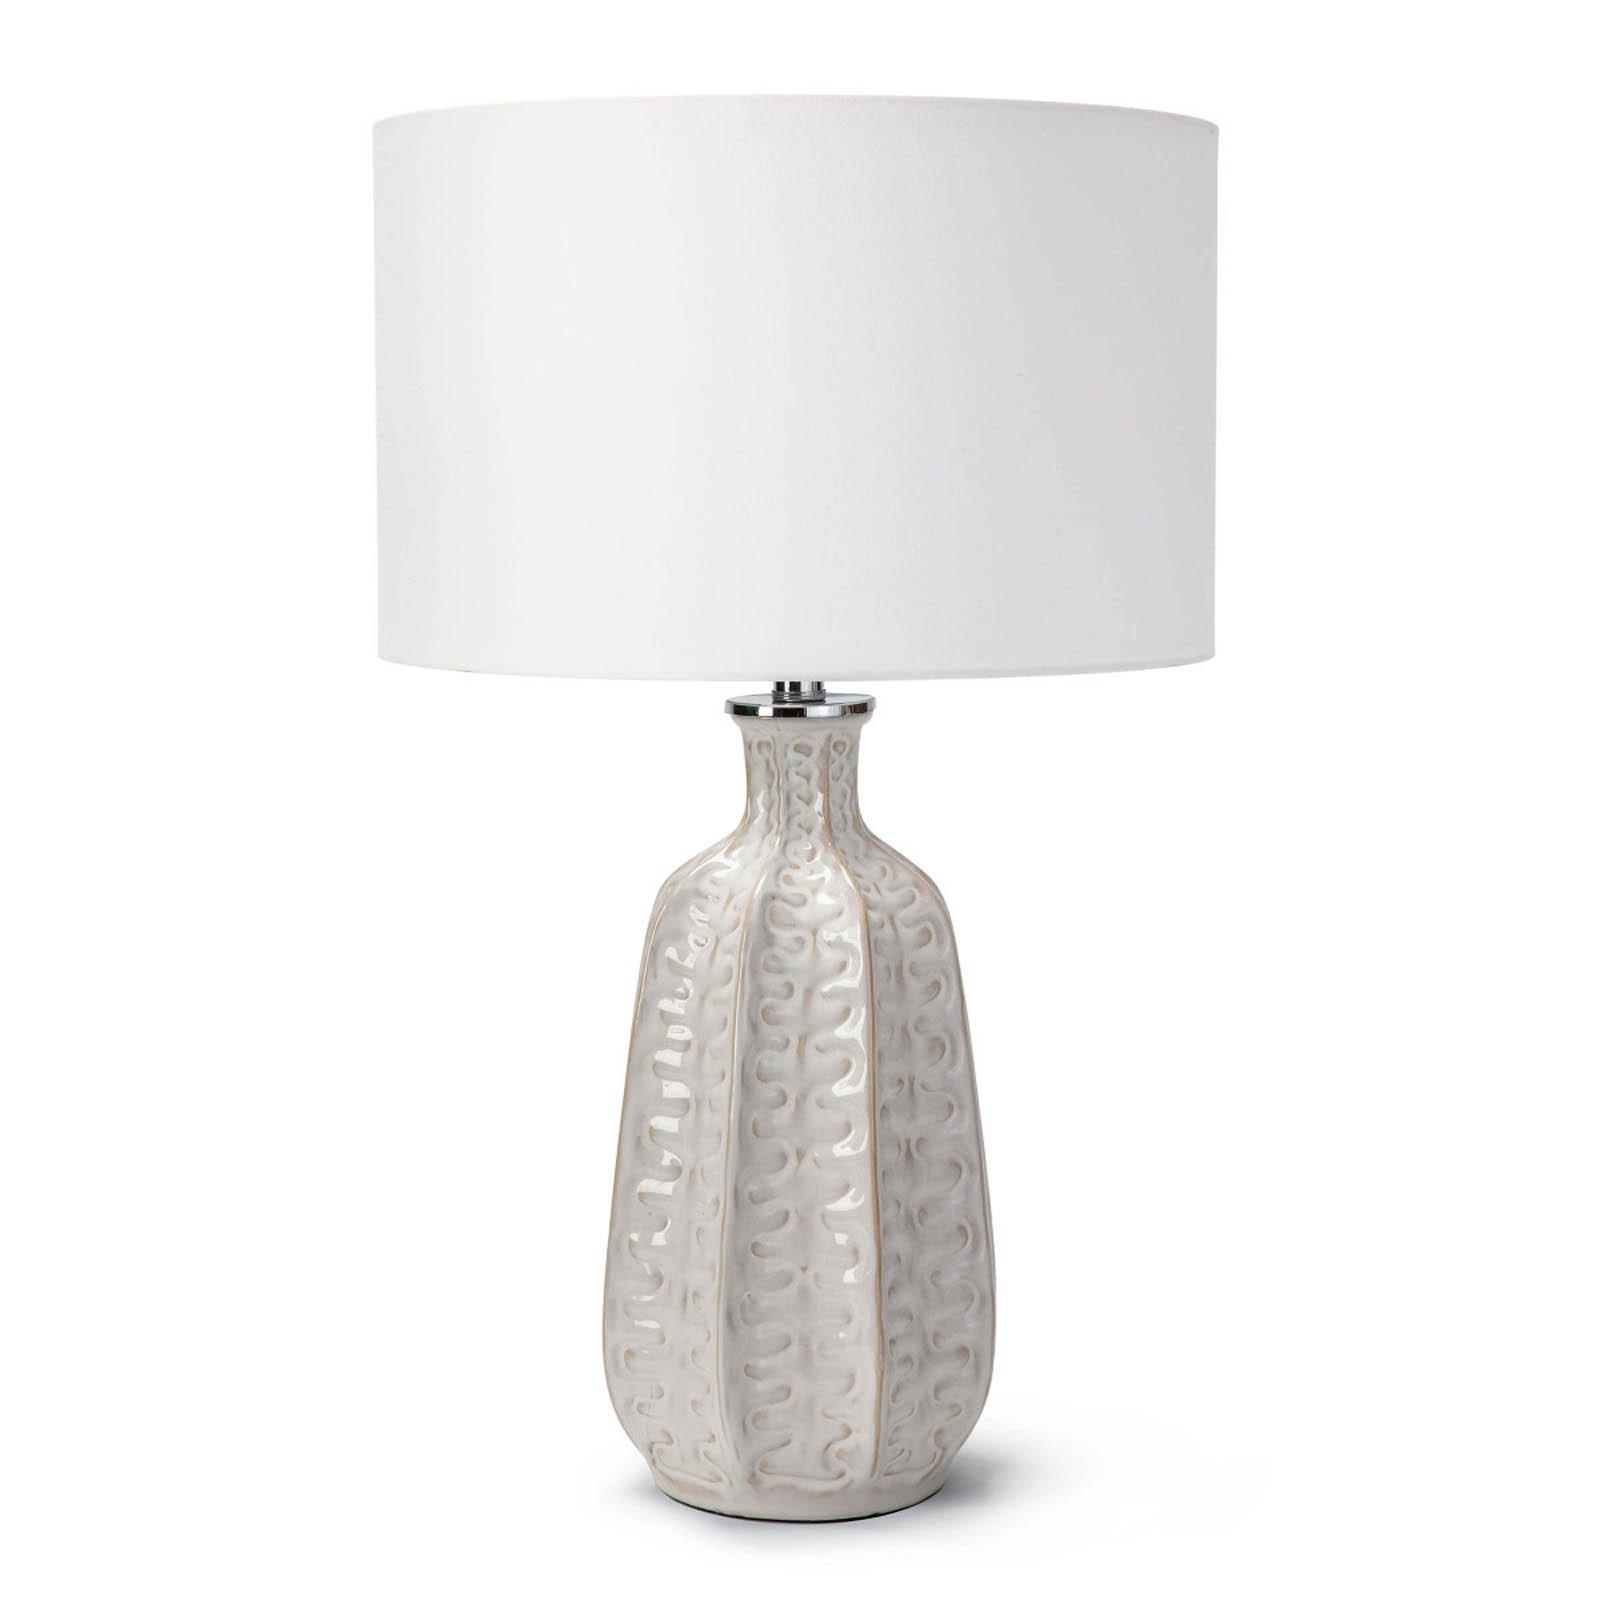 Antigua Ceramic Table Lamp Ivory | Regina Andrew